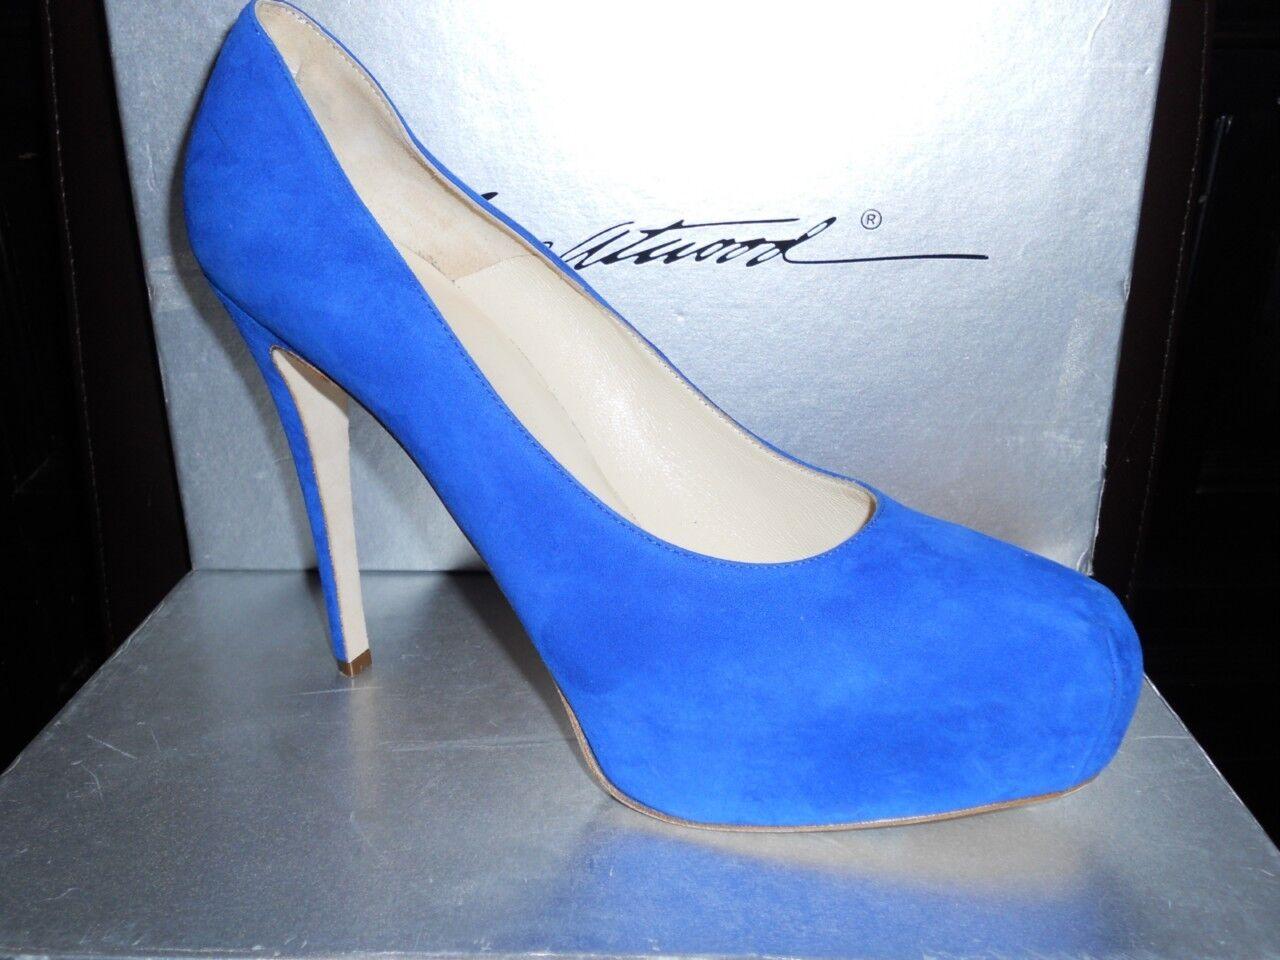 Brian Atwood MANIAC blau 41 Suede Platform Heels Pumps schuhes 41 blau EU fb684b